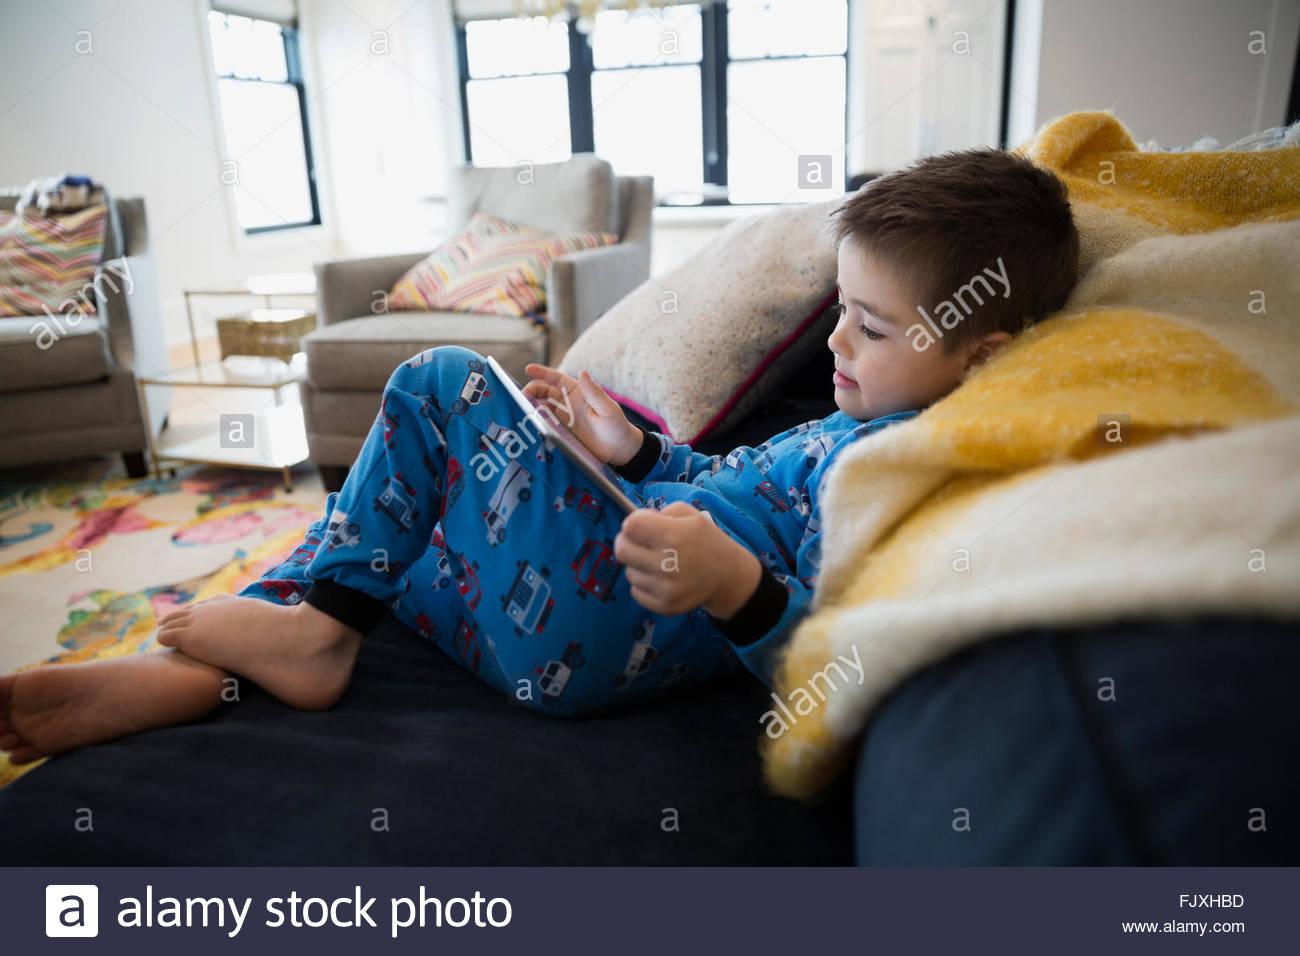 Chico en pijama utilizando tablet digital en el sofá Imagen De Stock